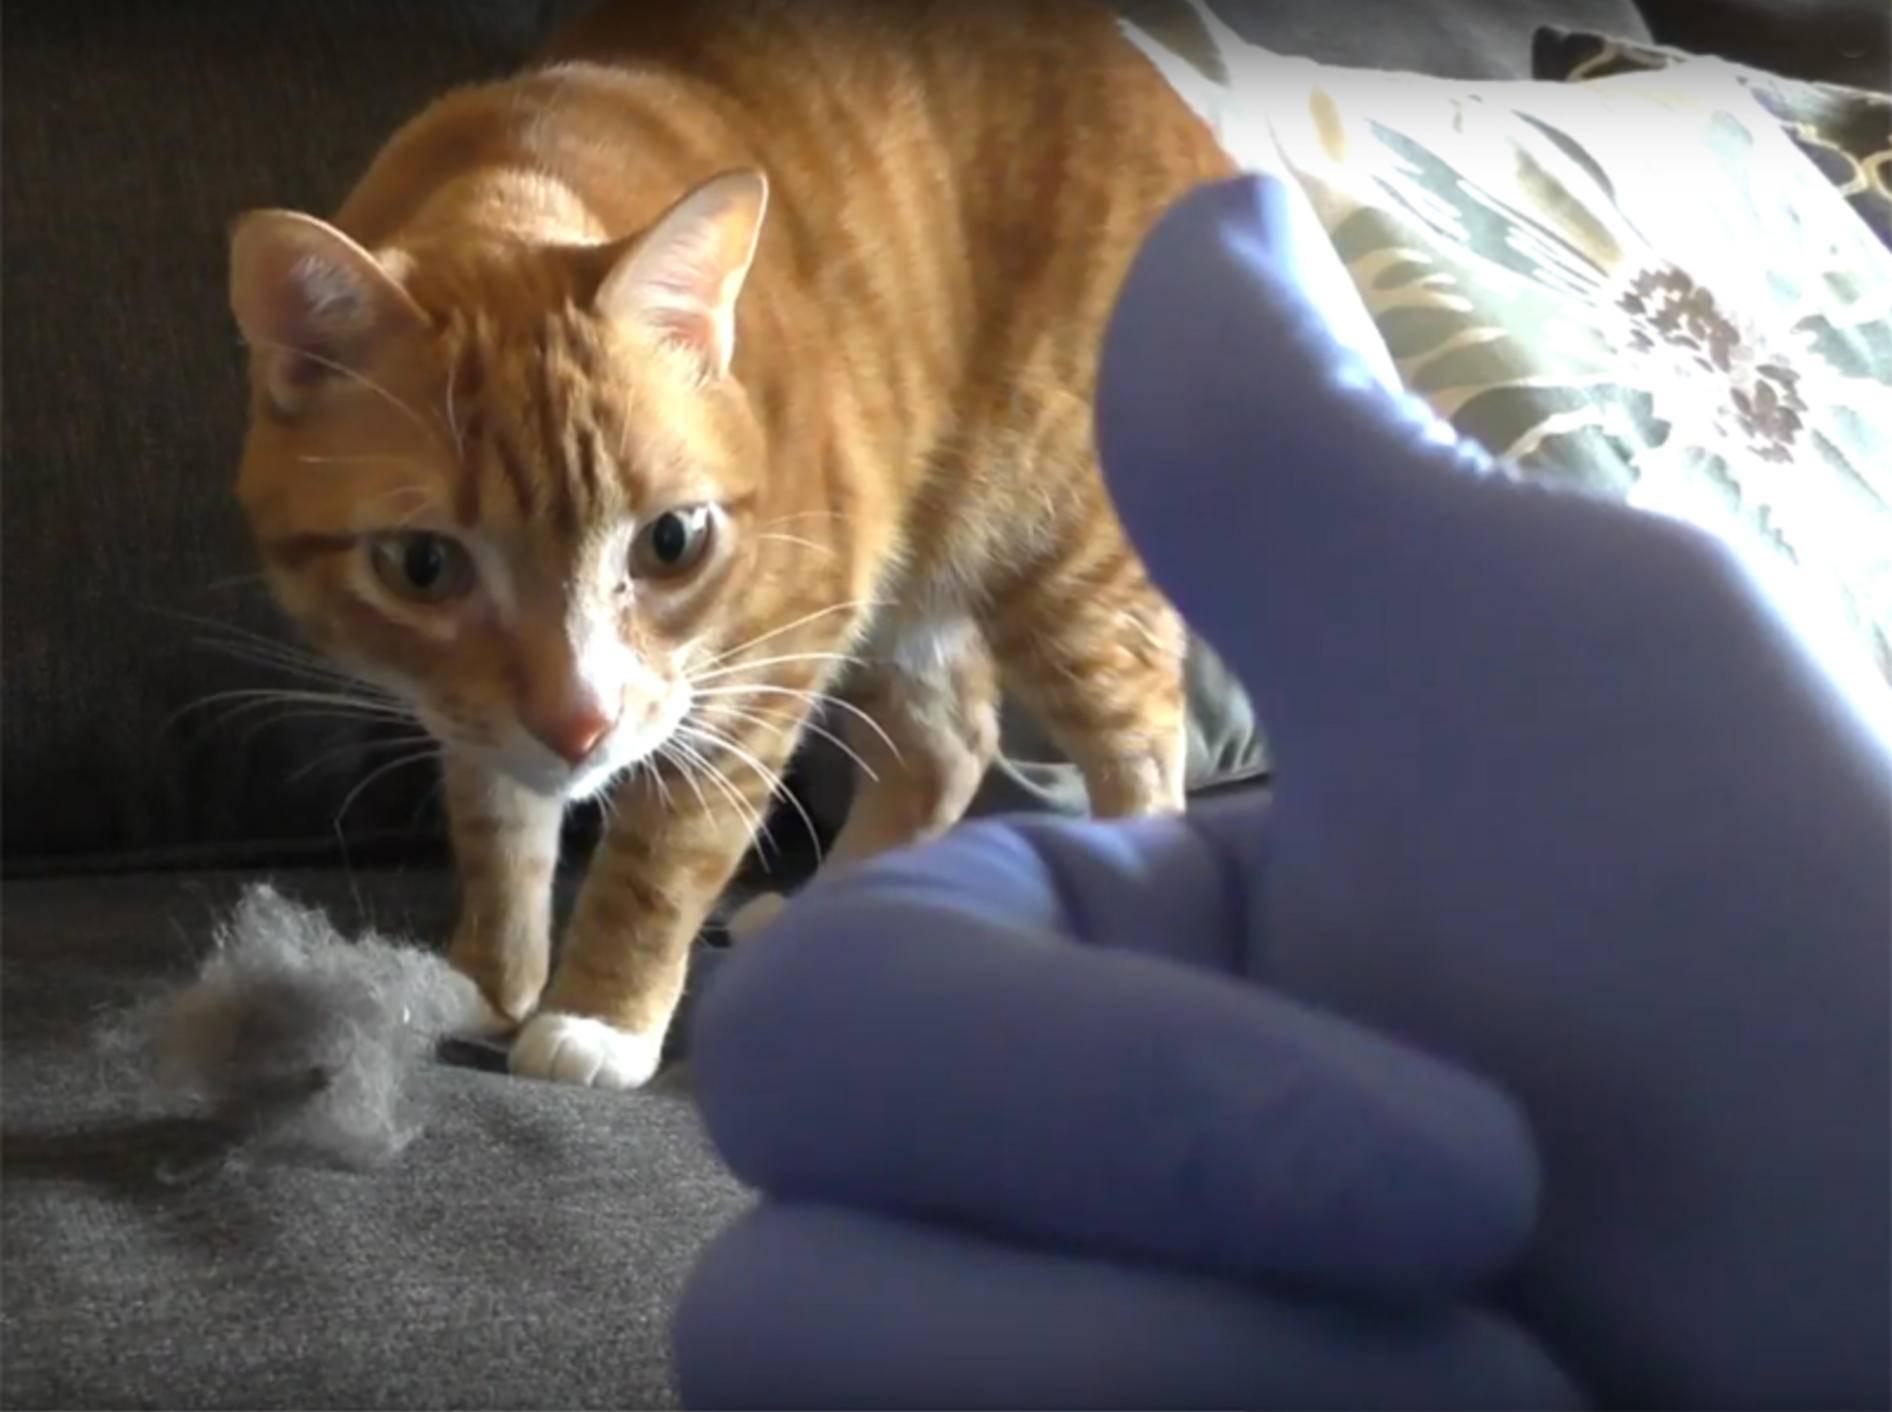 Cole und Marmalade geben praktische Tipps für Katzenhalter – YouTube / Cole and Marmalade